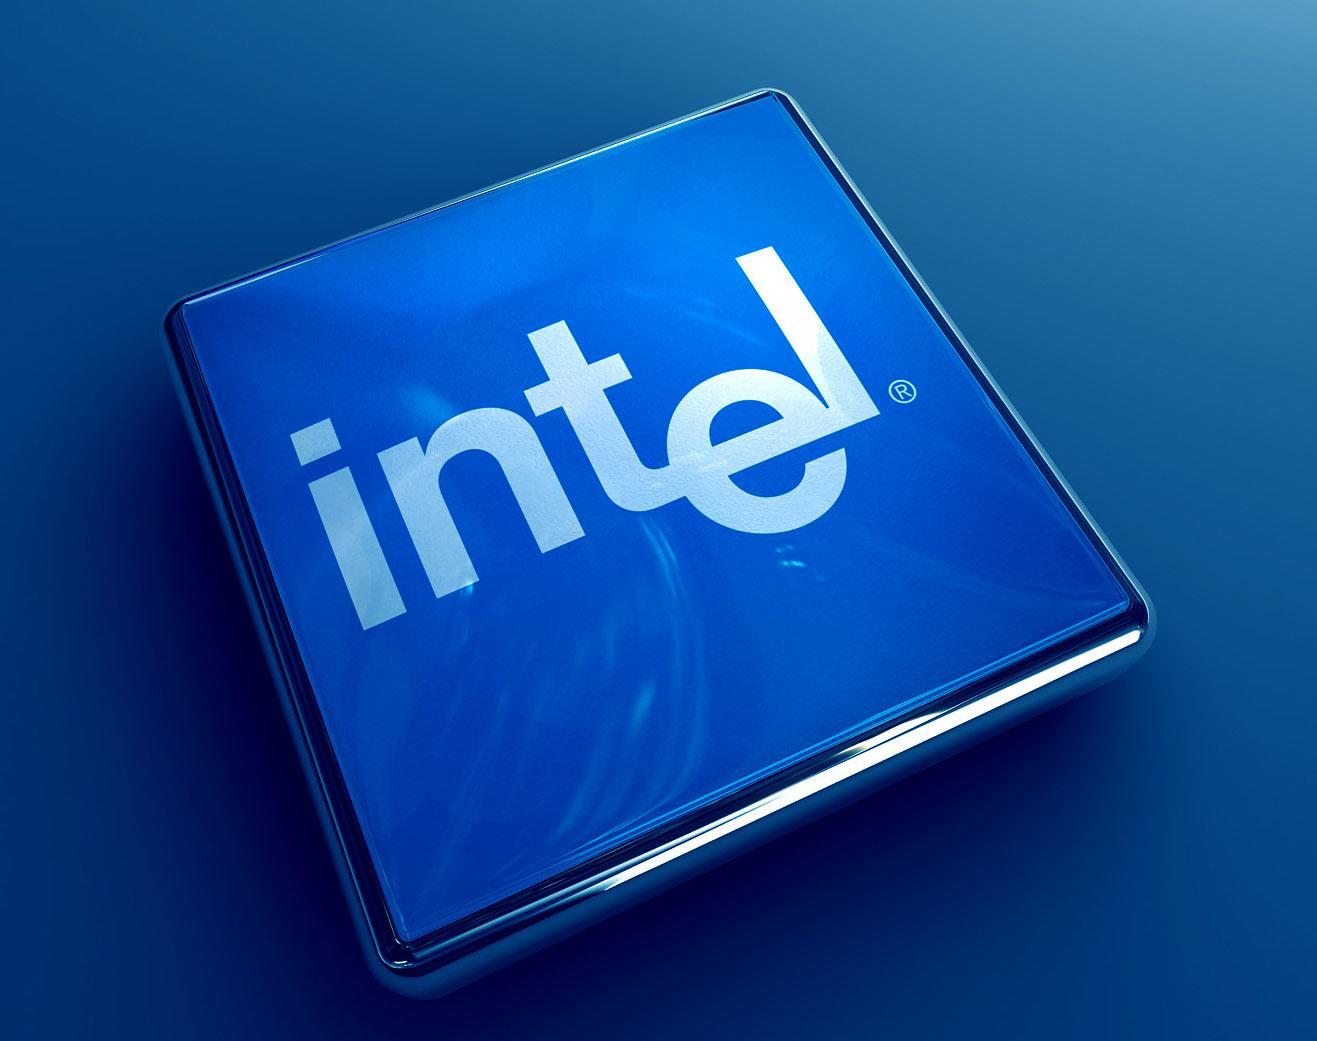 英特尔:固件更新进展和针对数据中心系统性能测试